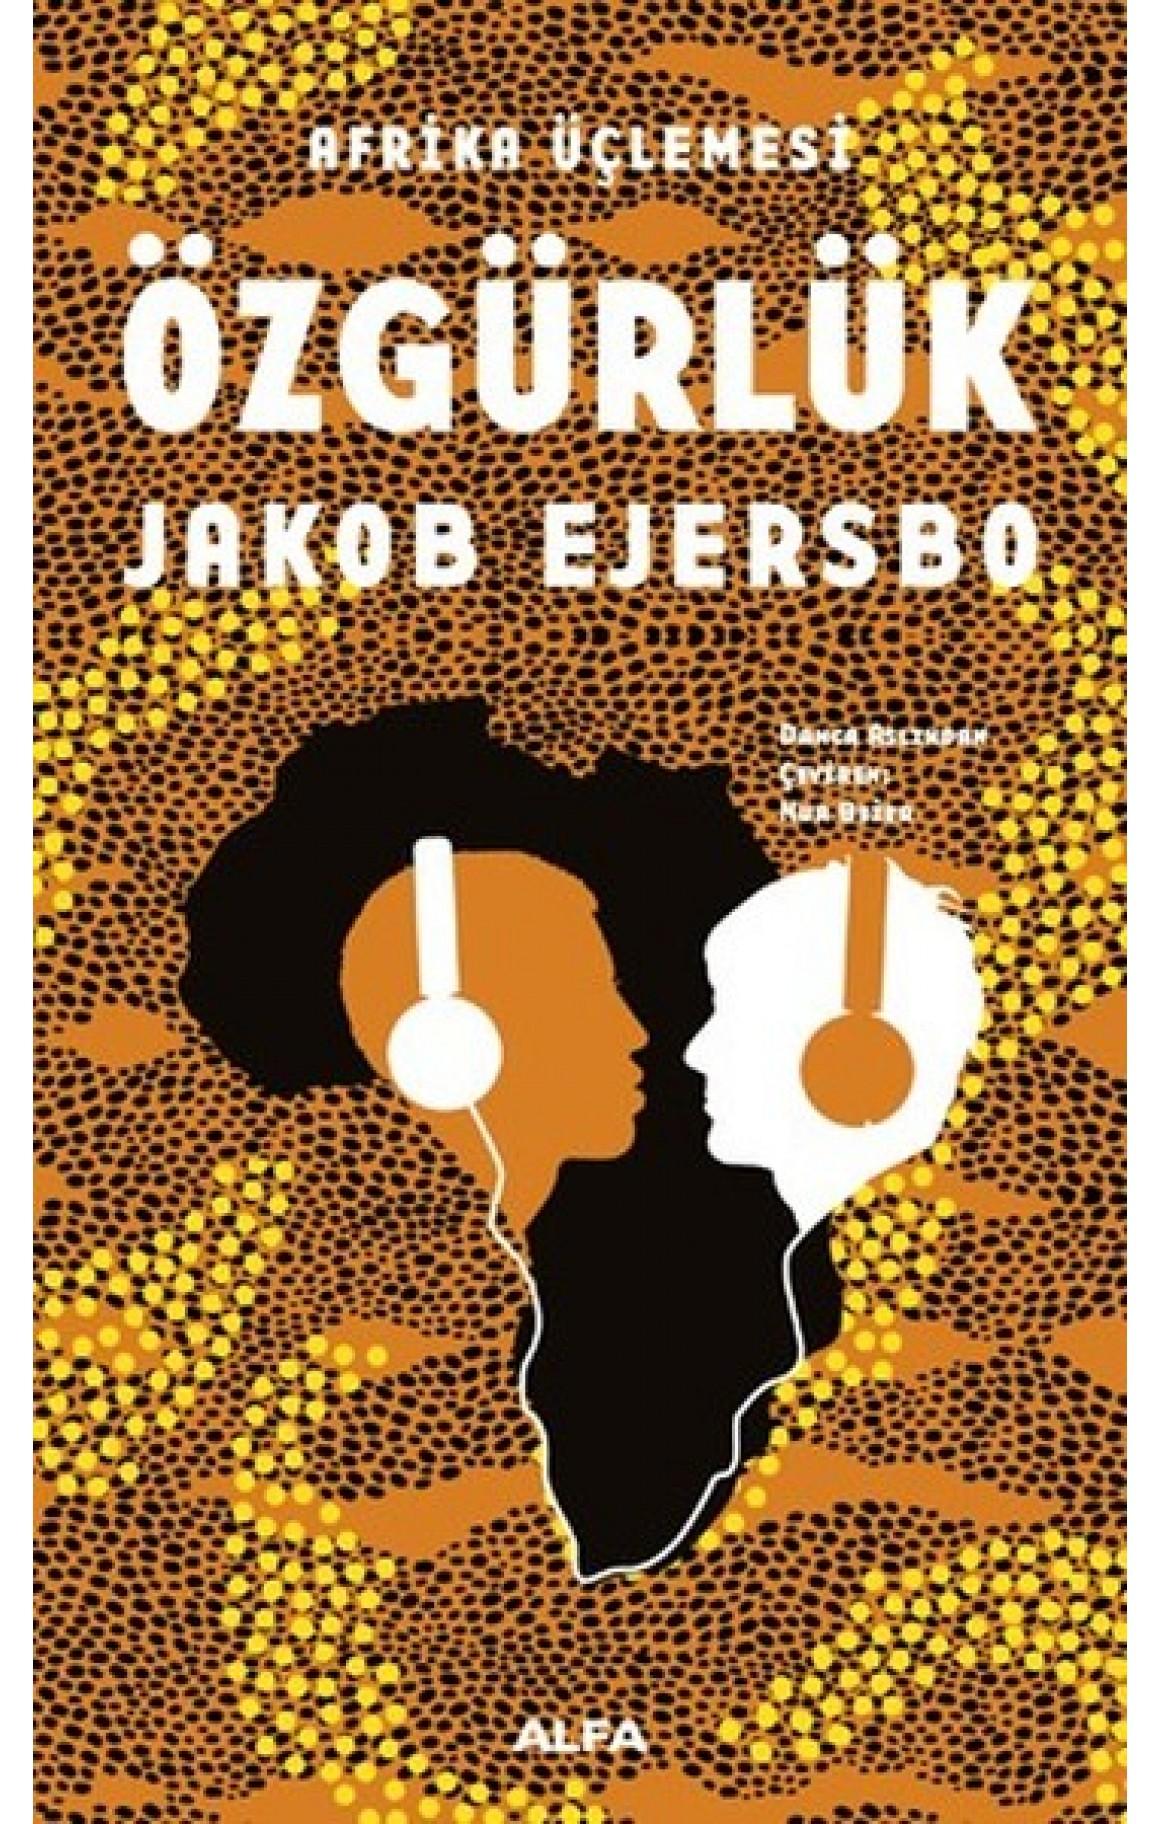 Afrika Üçlemesi 3.Kitap-Özgürlük